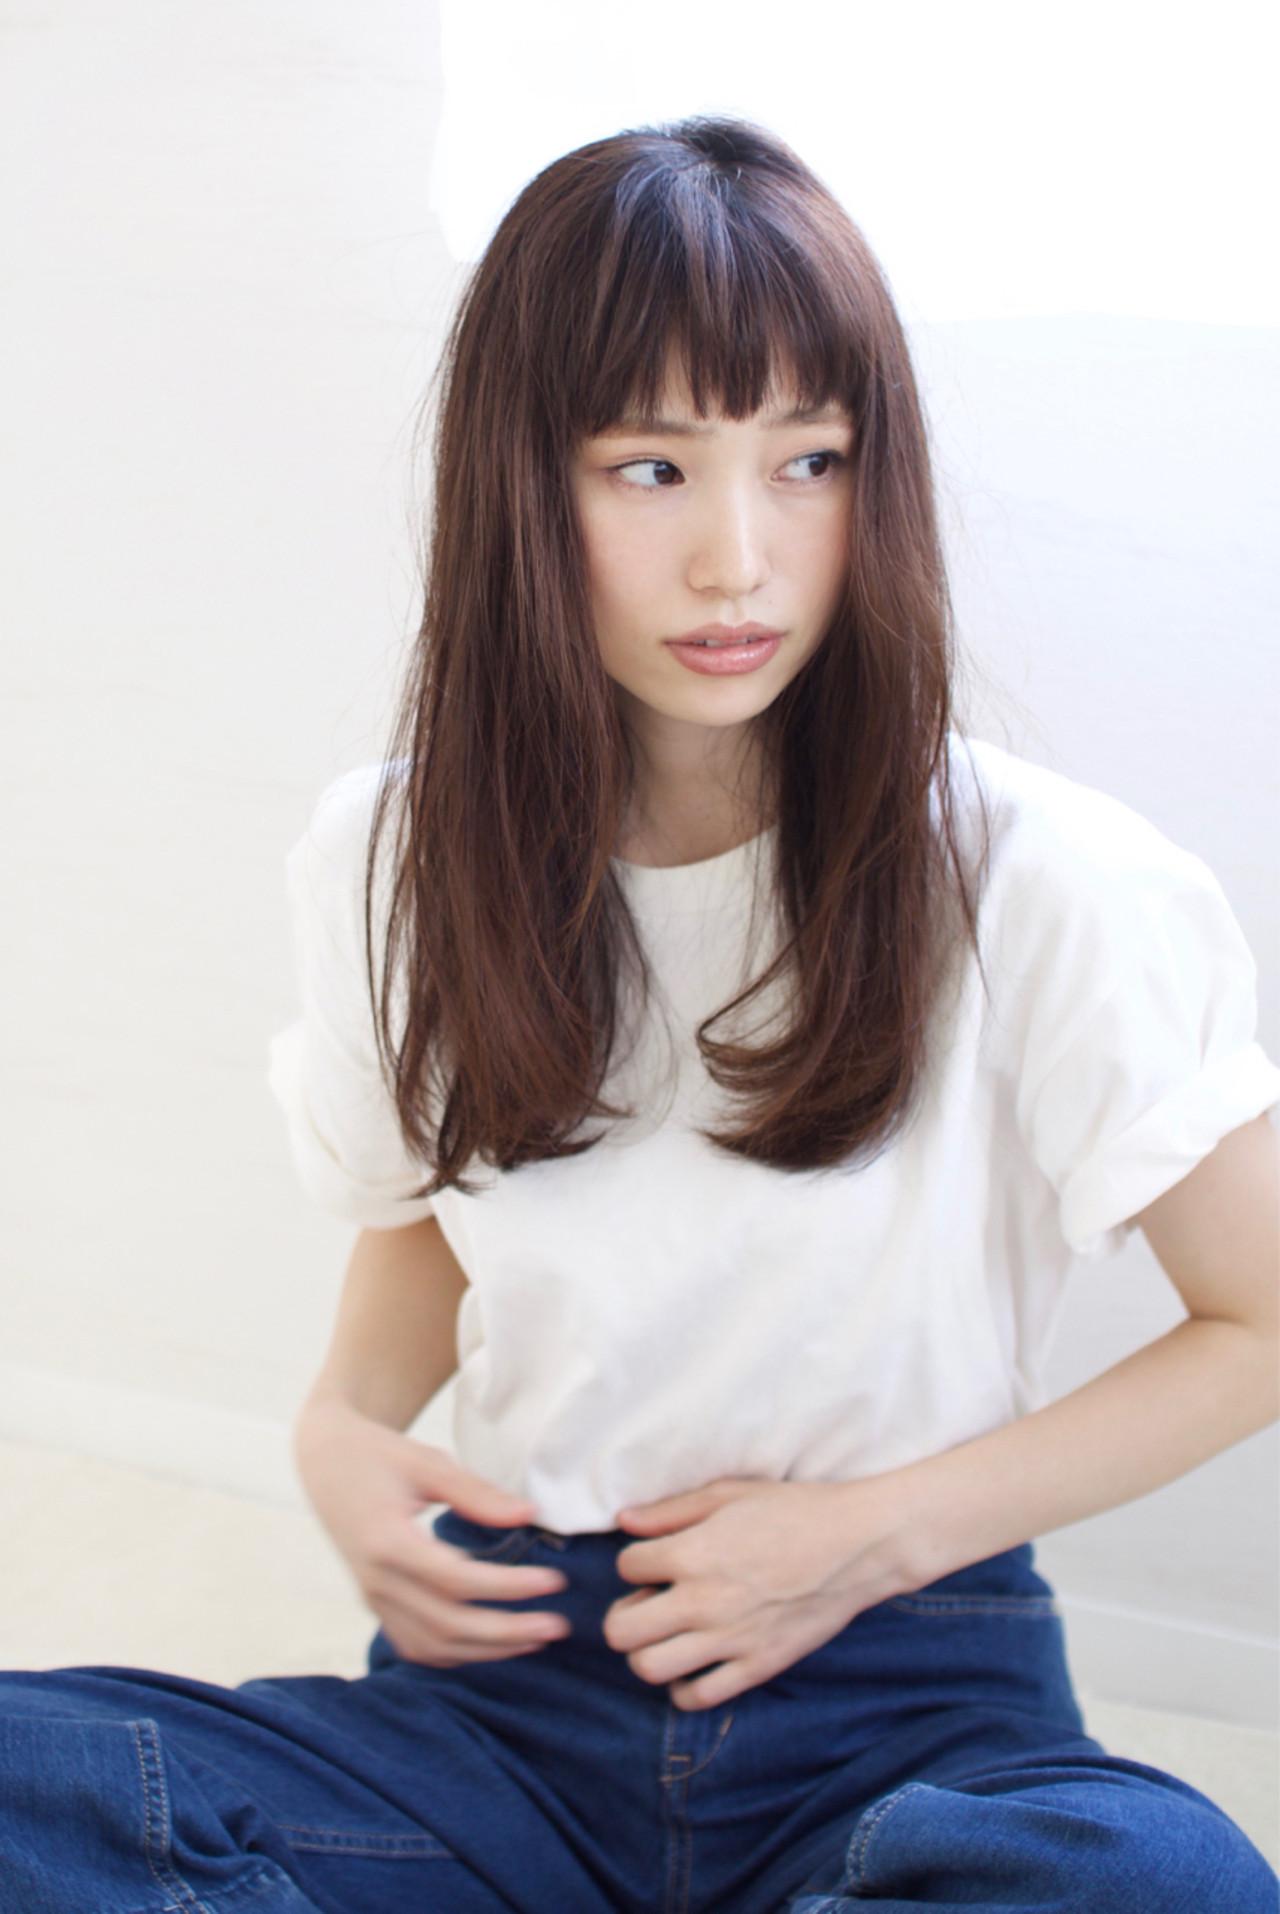 オン眉バングが大人かわいい桐谷美玲さん風 井手 博之